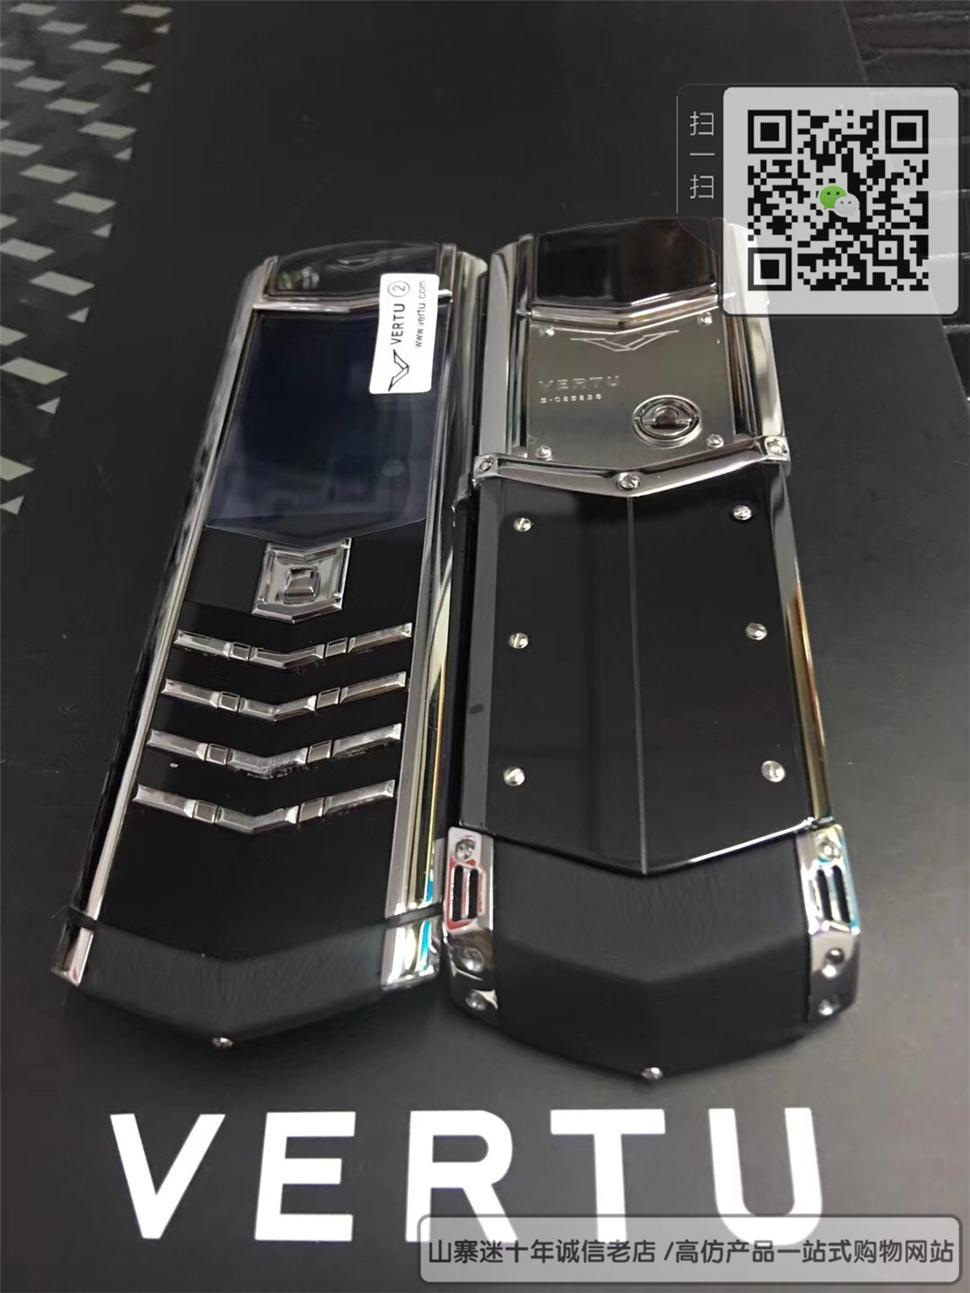 精仿威图总裁签名版手机 - 黑色+白金色 - 陶瓷-隐藏键盘☼